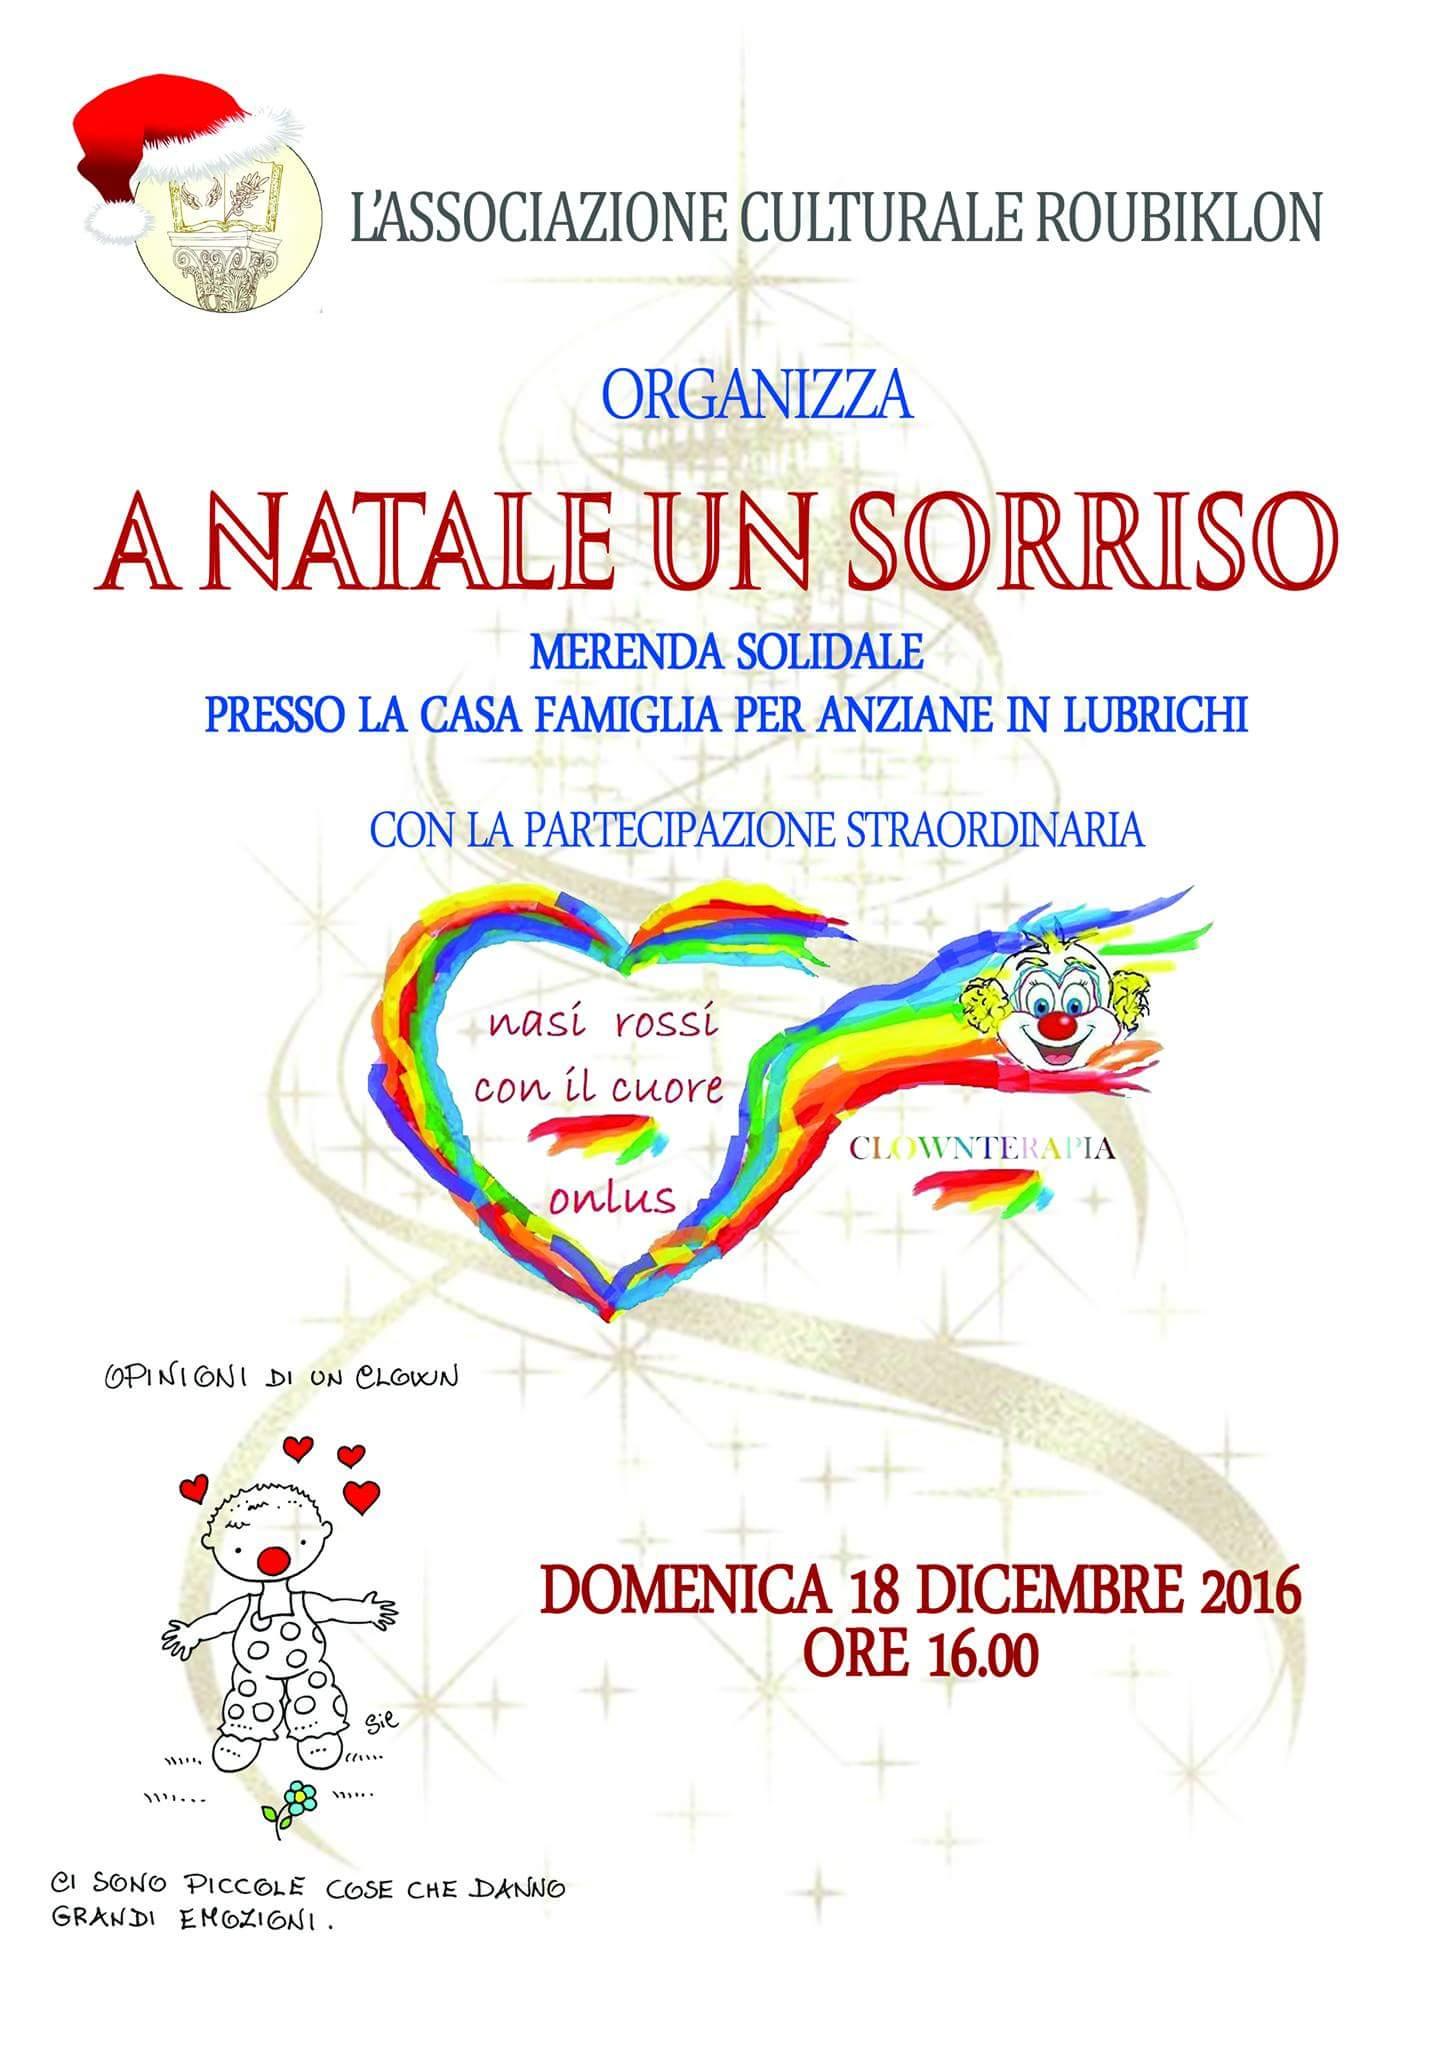 Reggio - A Natale un sorriso:merenda solidale dell'Associazione Culturale Roubiklon